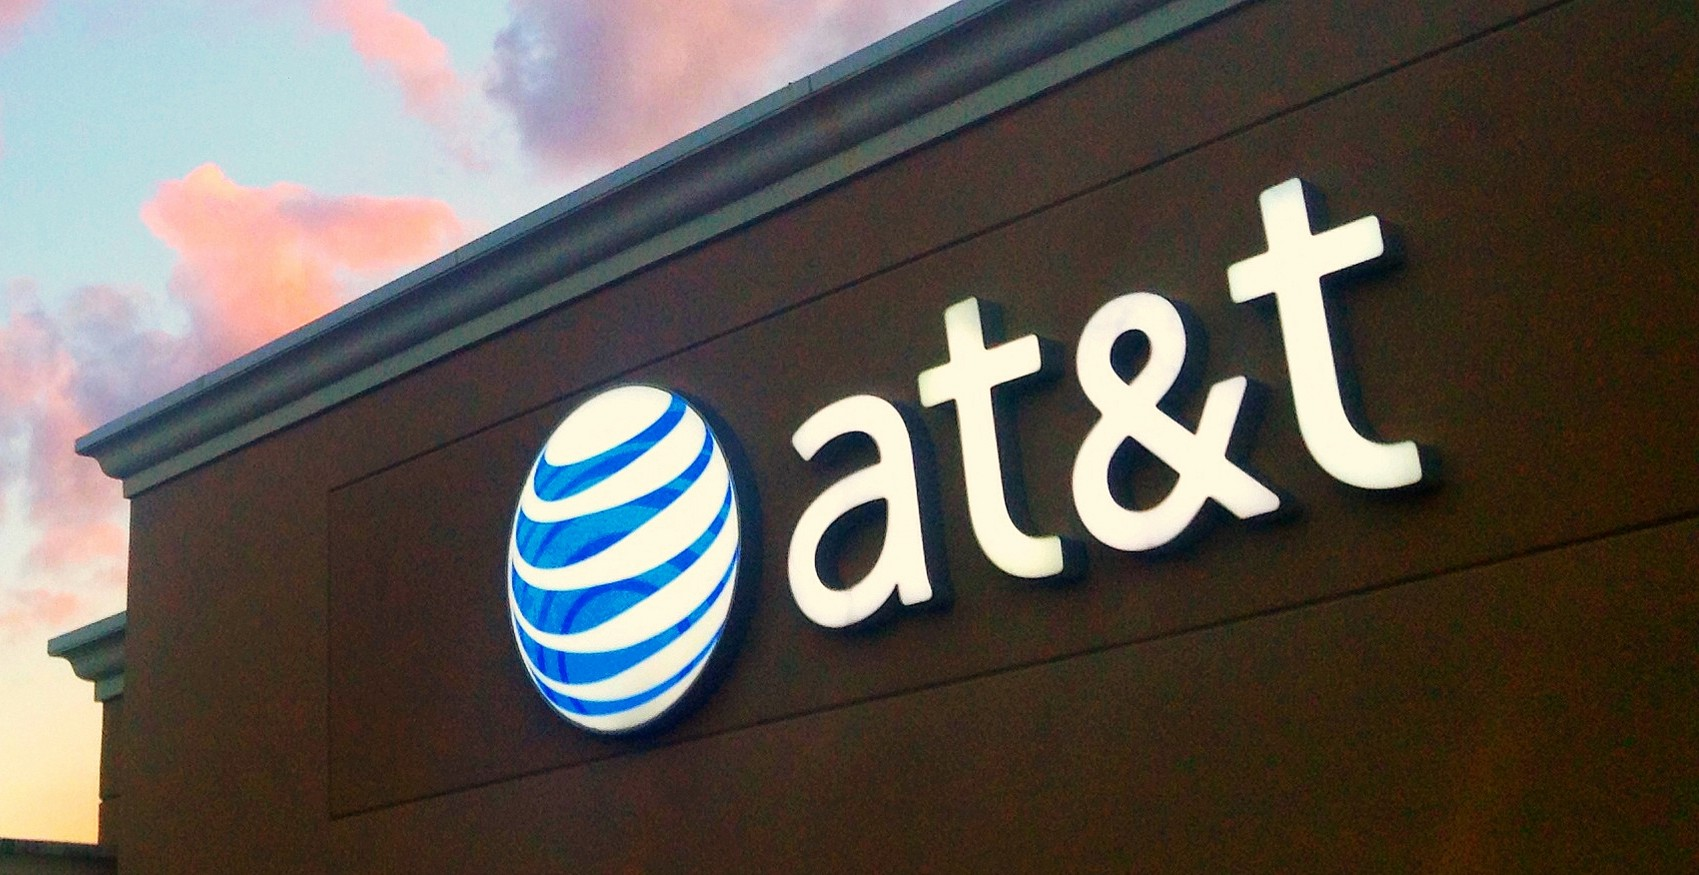 AT&T ofrecería servicio mediante la banda de 800 MHz